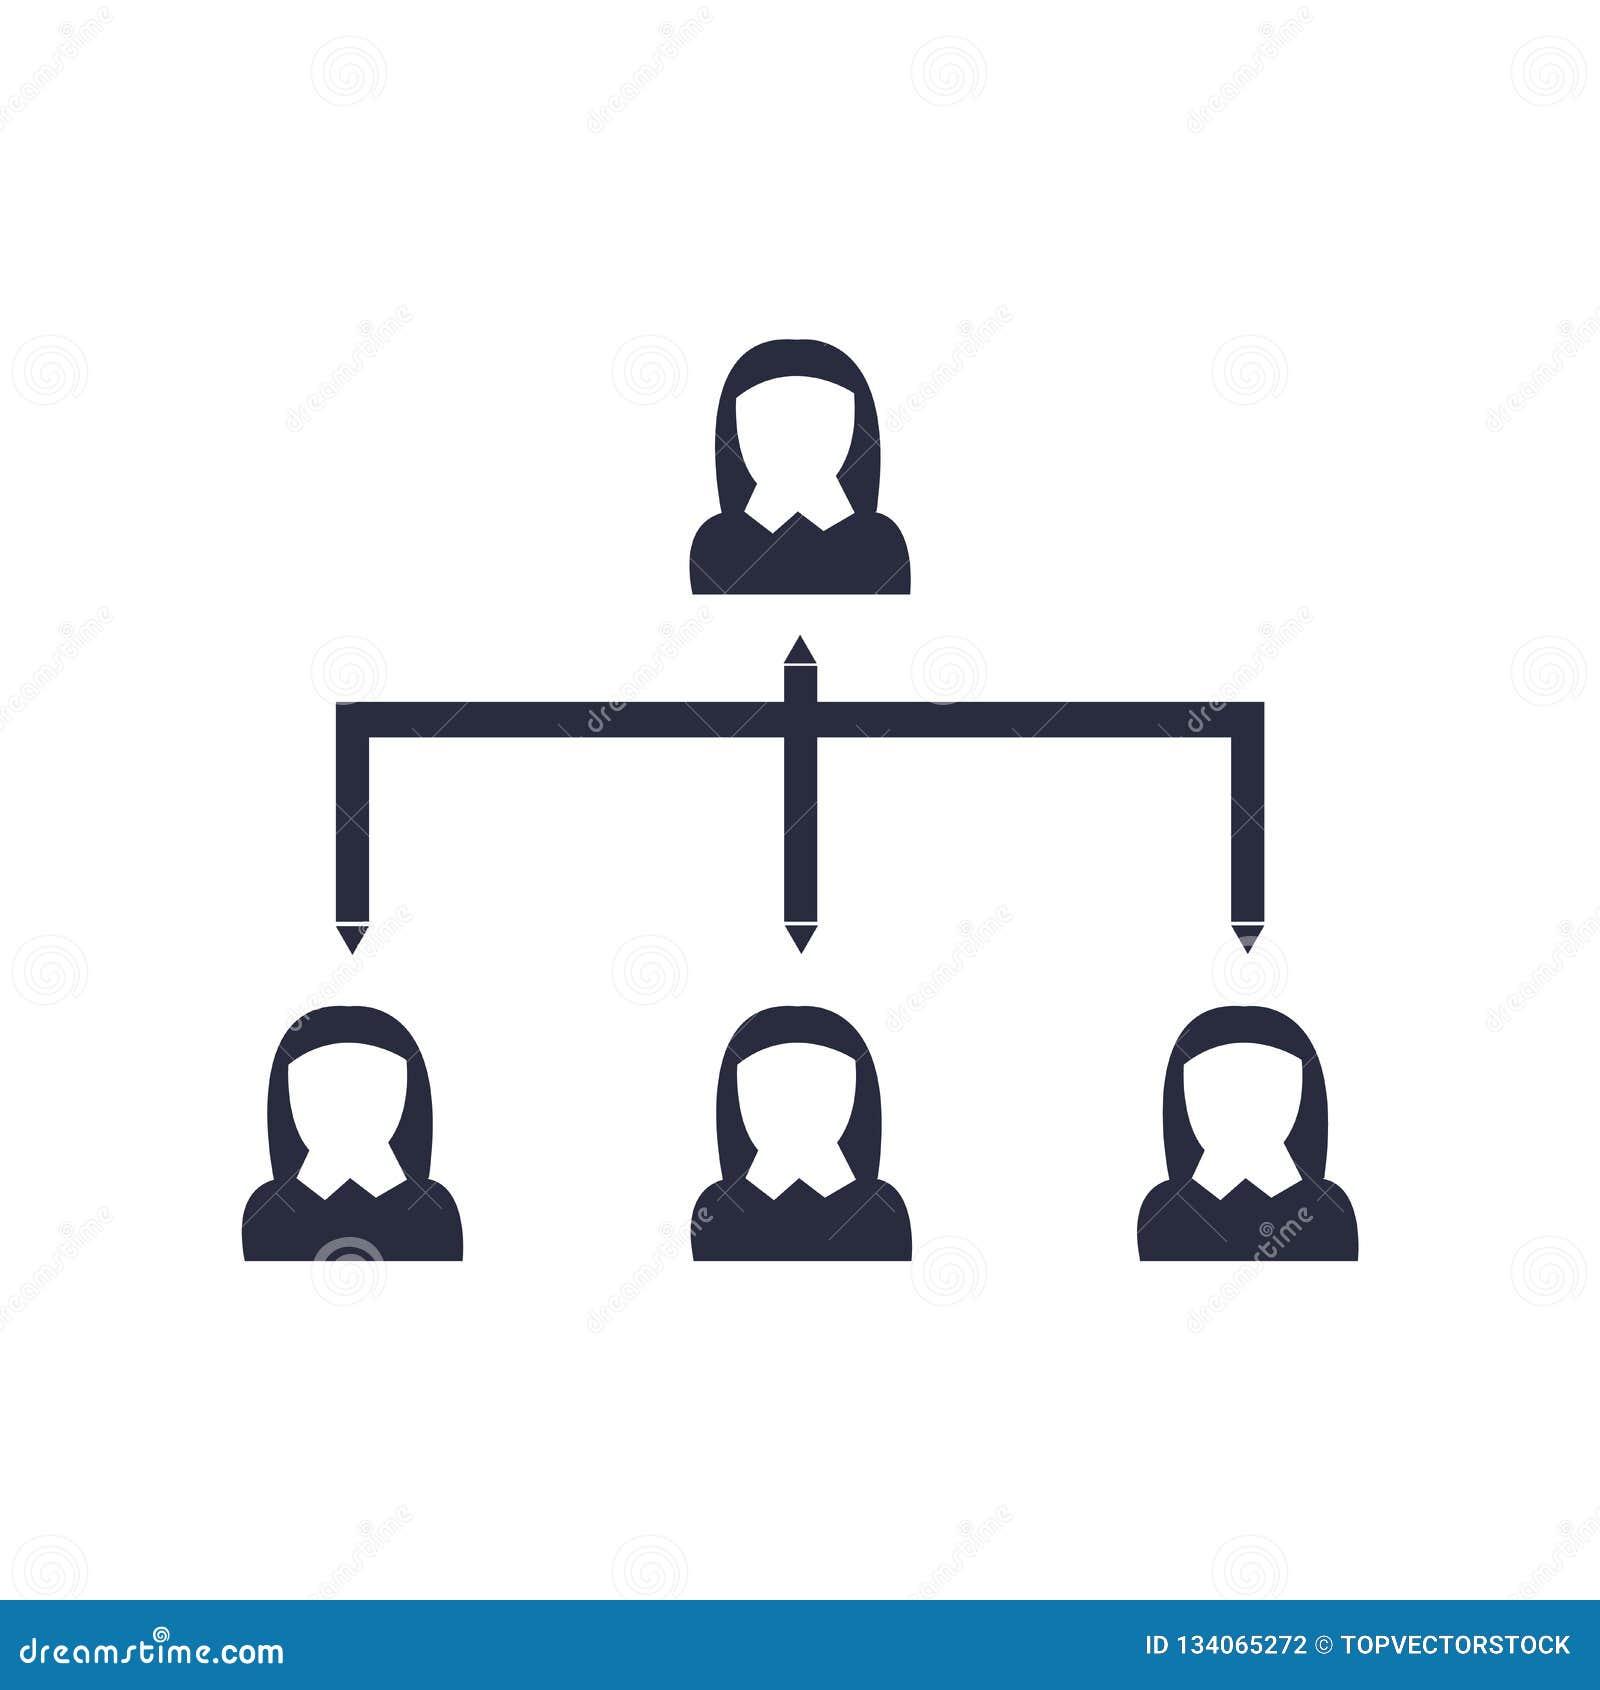 För symbolsvektor för hierarkisk struktur som tecken och symbol isoleras på vit bakgrund, logobegrepp för hierarkisk struktur